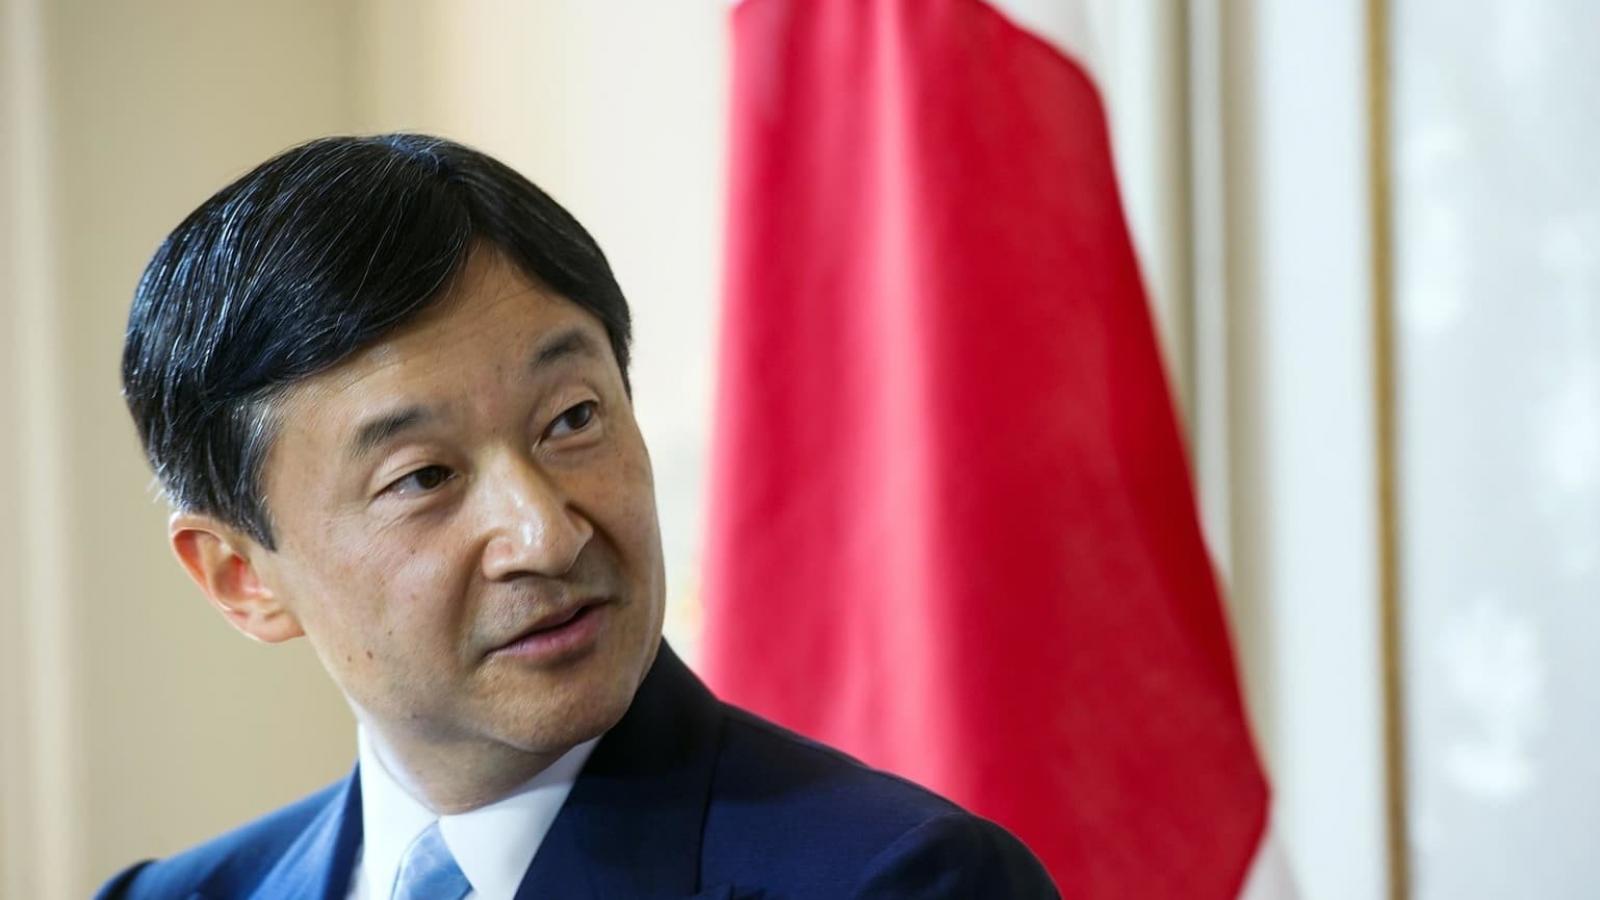 Nhật Hoàng sẽ tham dự Lễ khai mạc Olympic Tokyo